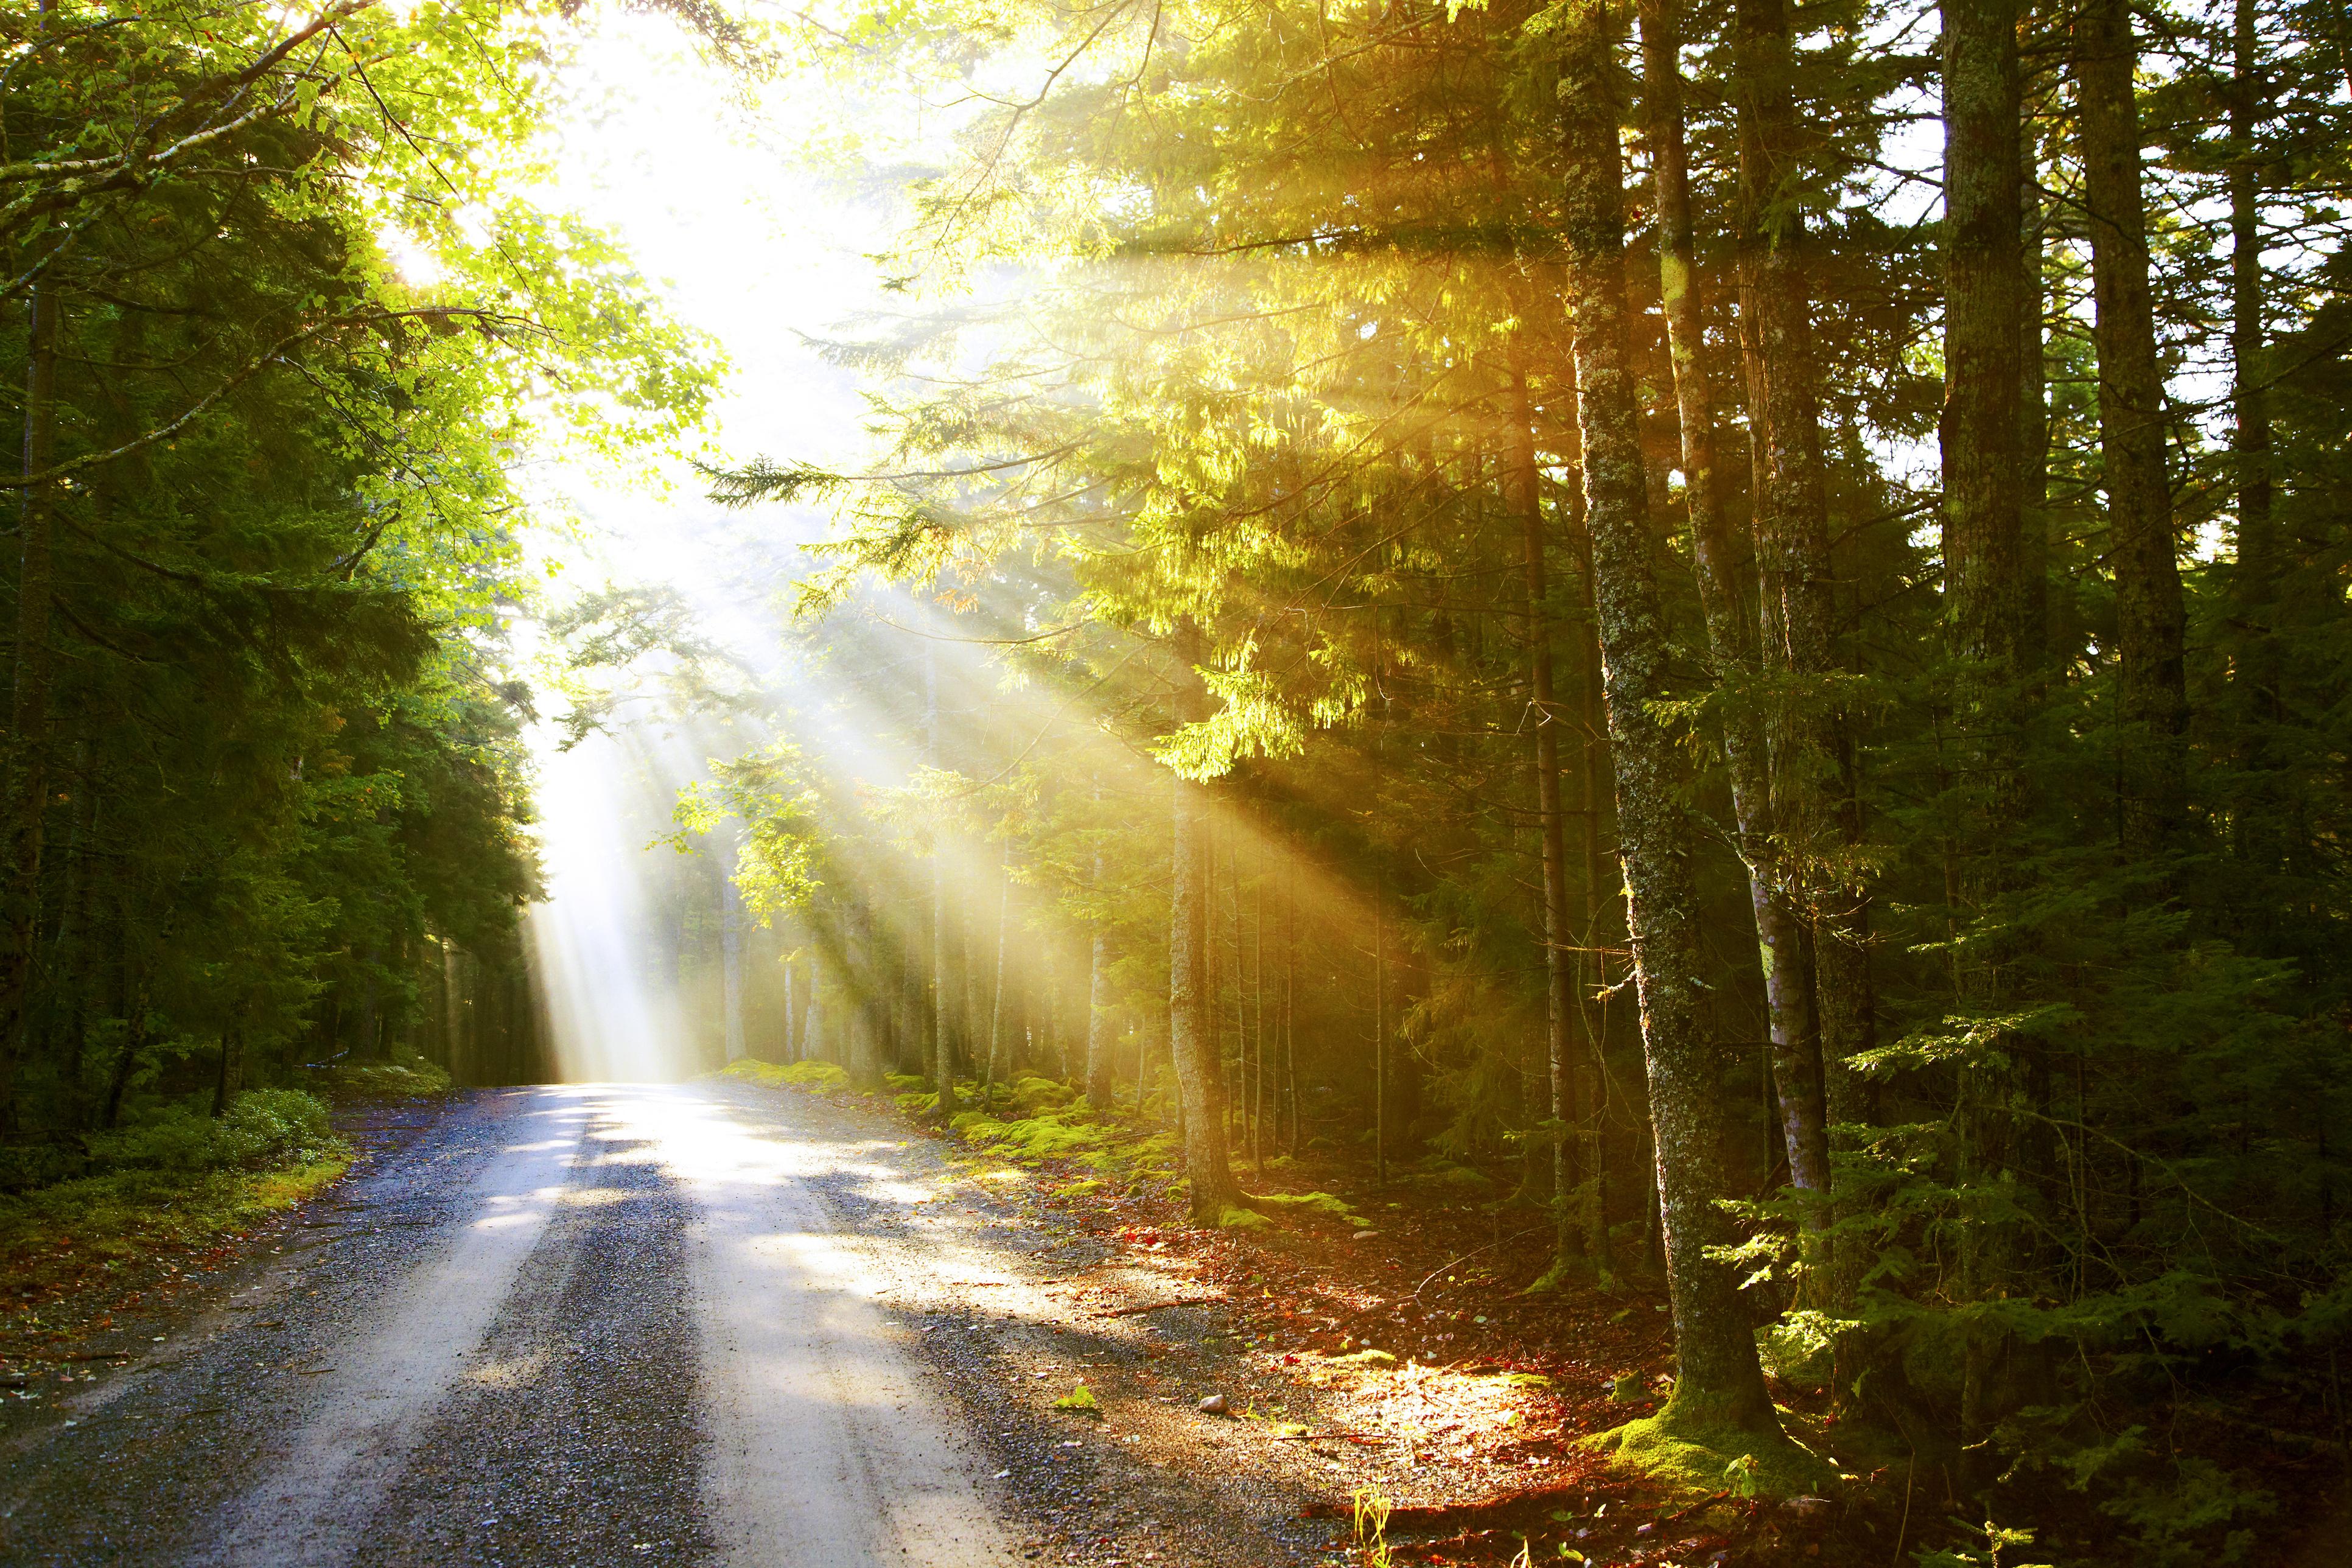 <p><strong>ОВЕН</strong></p>  <p>- Щастието &ndash; това са близките хора. Богатството идва и си отива, а приятелите и семейството са винаги до вас. Ценете любовта и приятелството.</p>  <p>- Понякога трябва само да се освободите от нещо, за да станете по-щастливи.</p>  <p>- Най-добрият начин за решаване на проблемите &ndash; да се научите как да&nbsp; избягвате срещи с тях.</p>